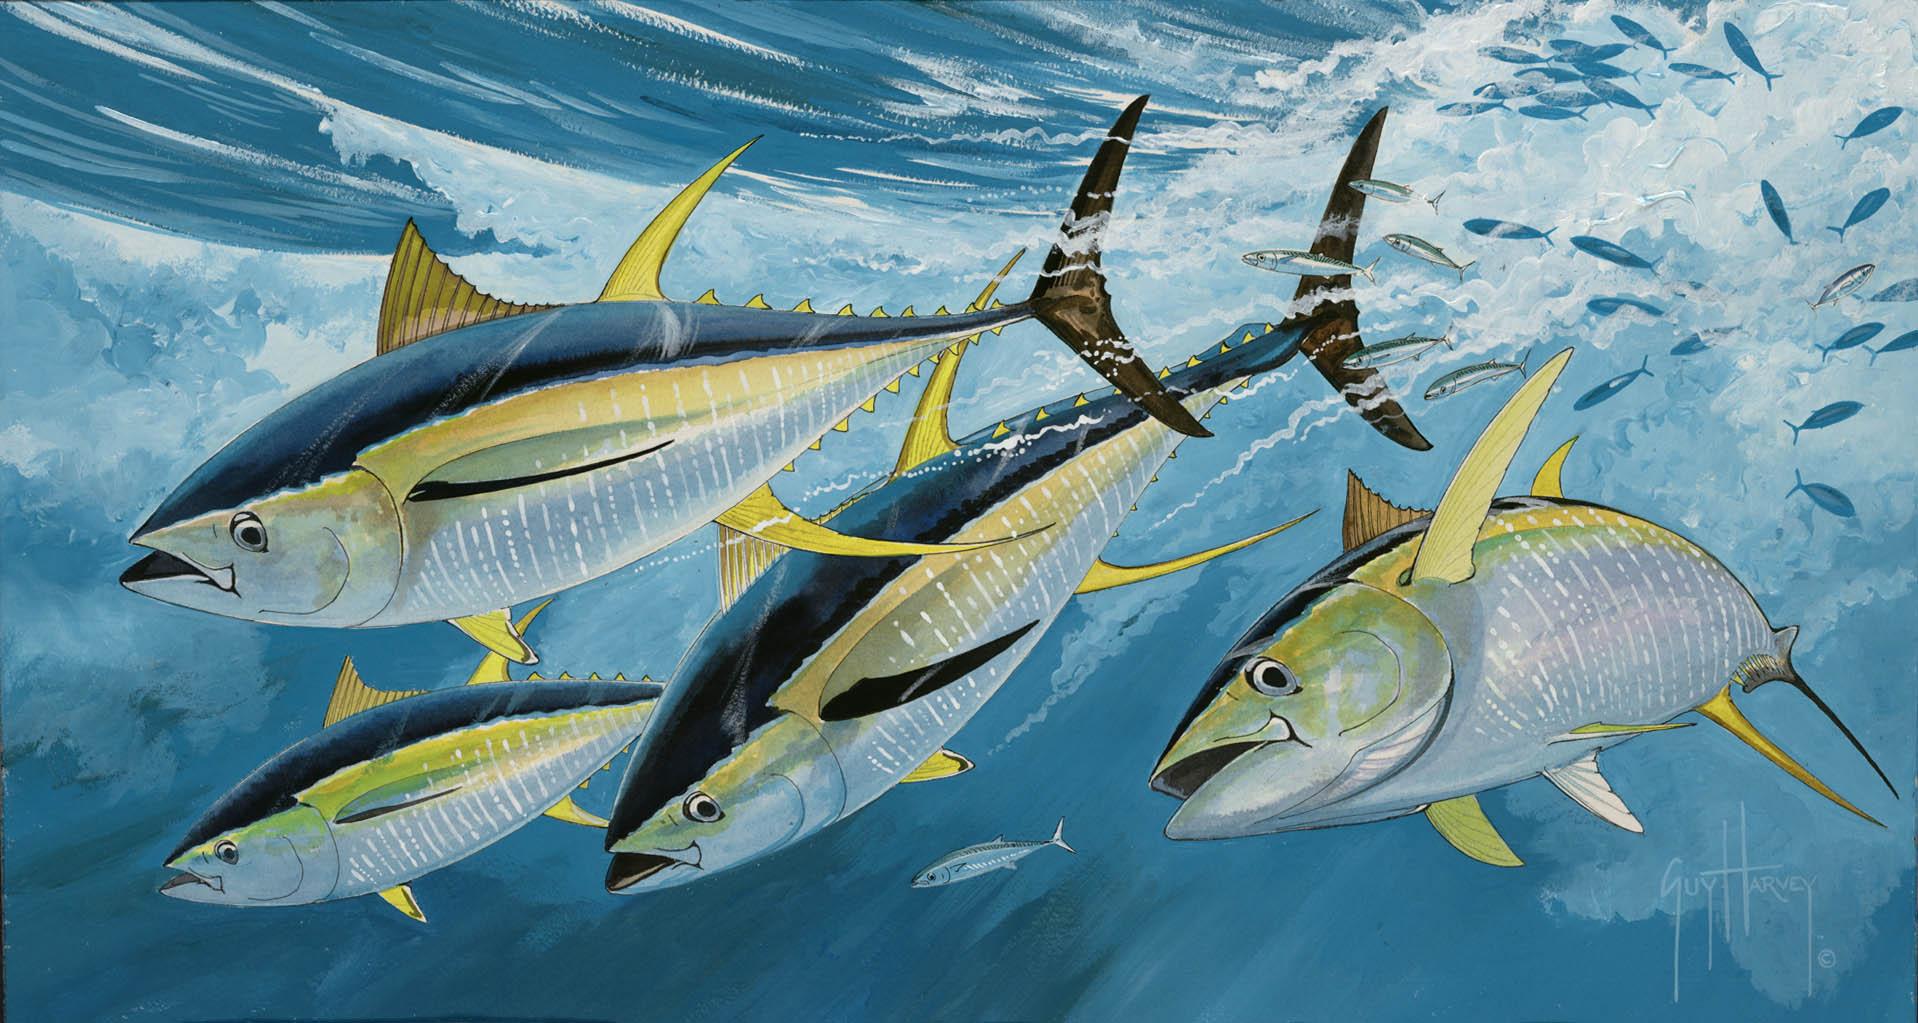 86+] Tuna Wallpapers on WallpaperSafari